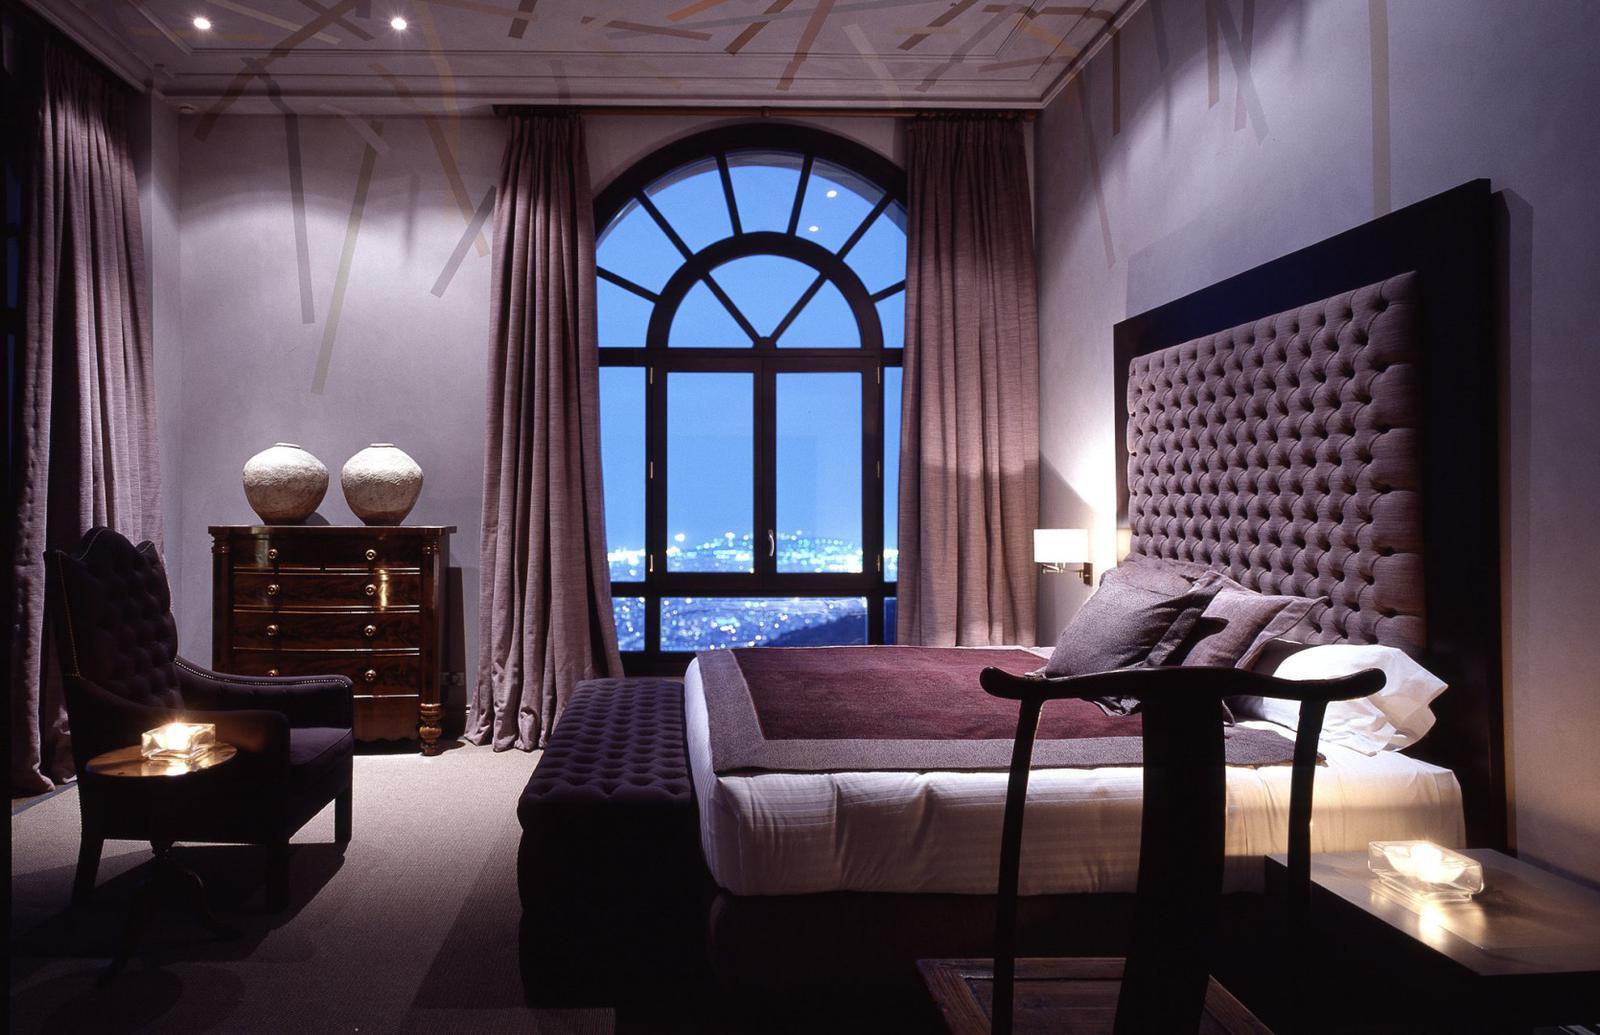 Descubre 5 hoteles de lujo baratos en espa a for Hoteles con habitaciones familiares en espana